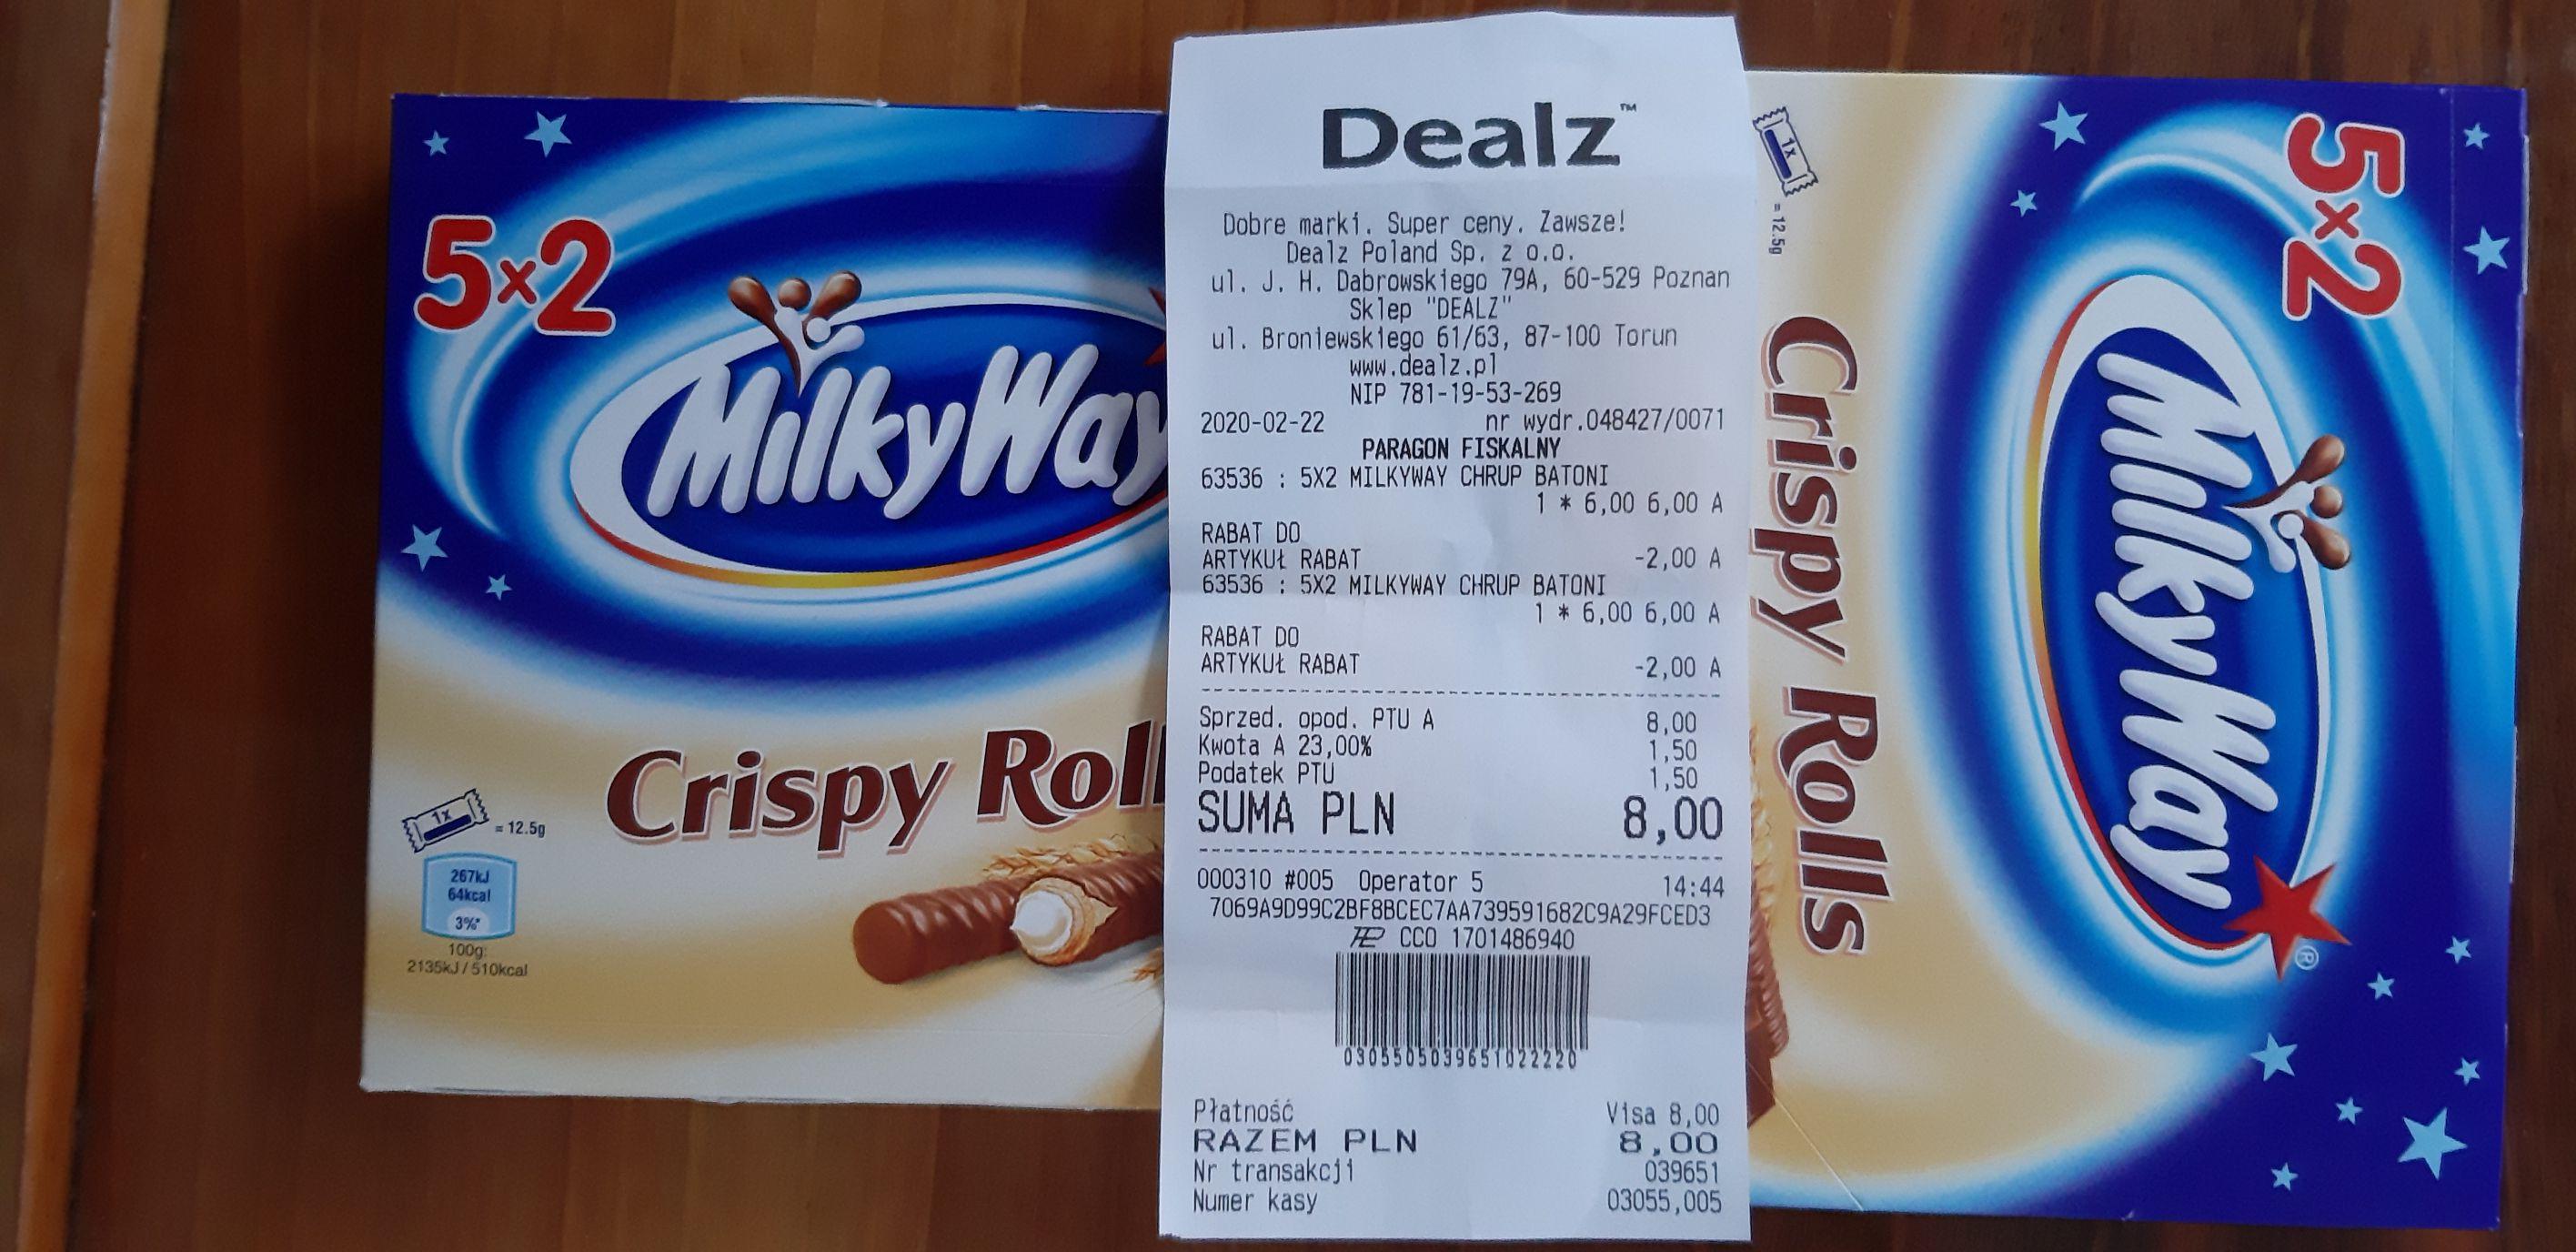 2 x pięciopak MilkyWay Crispy Rolls w Dealz za 8 zł - Ogólnopolska